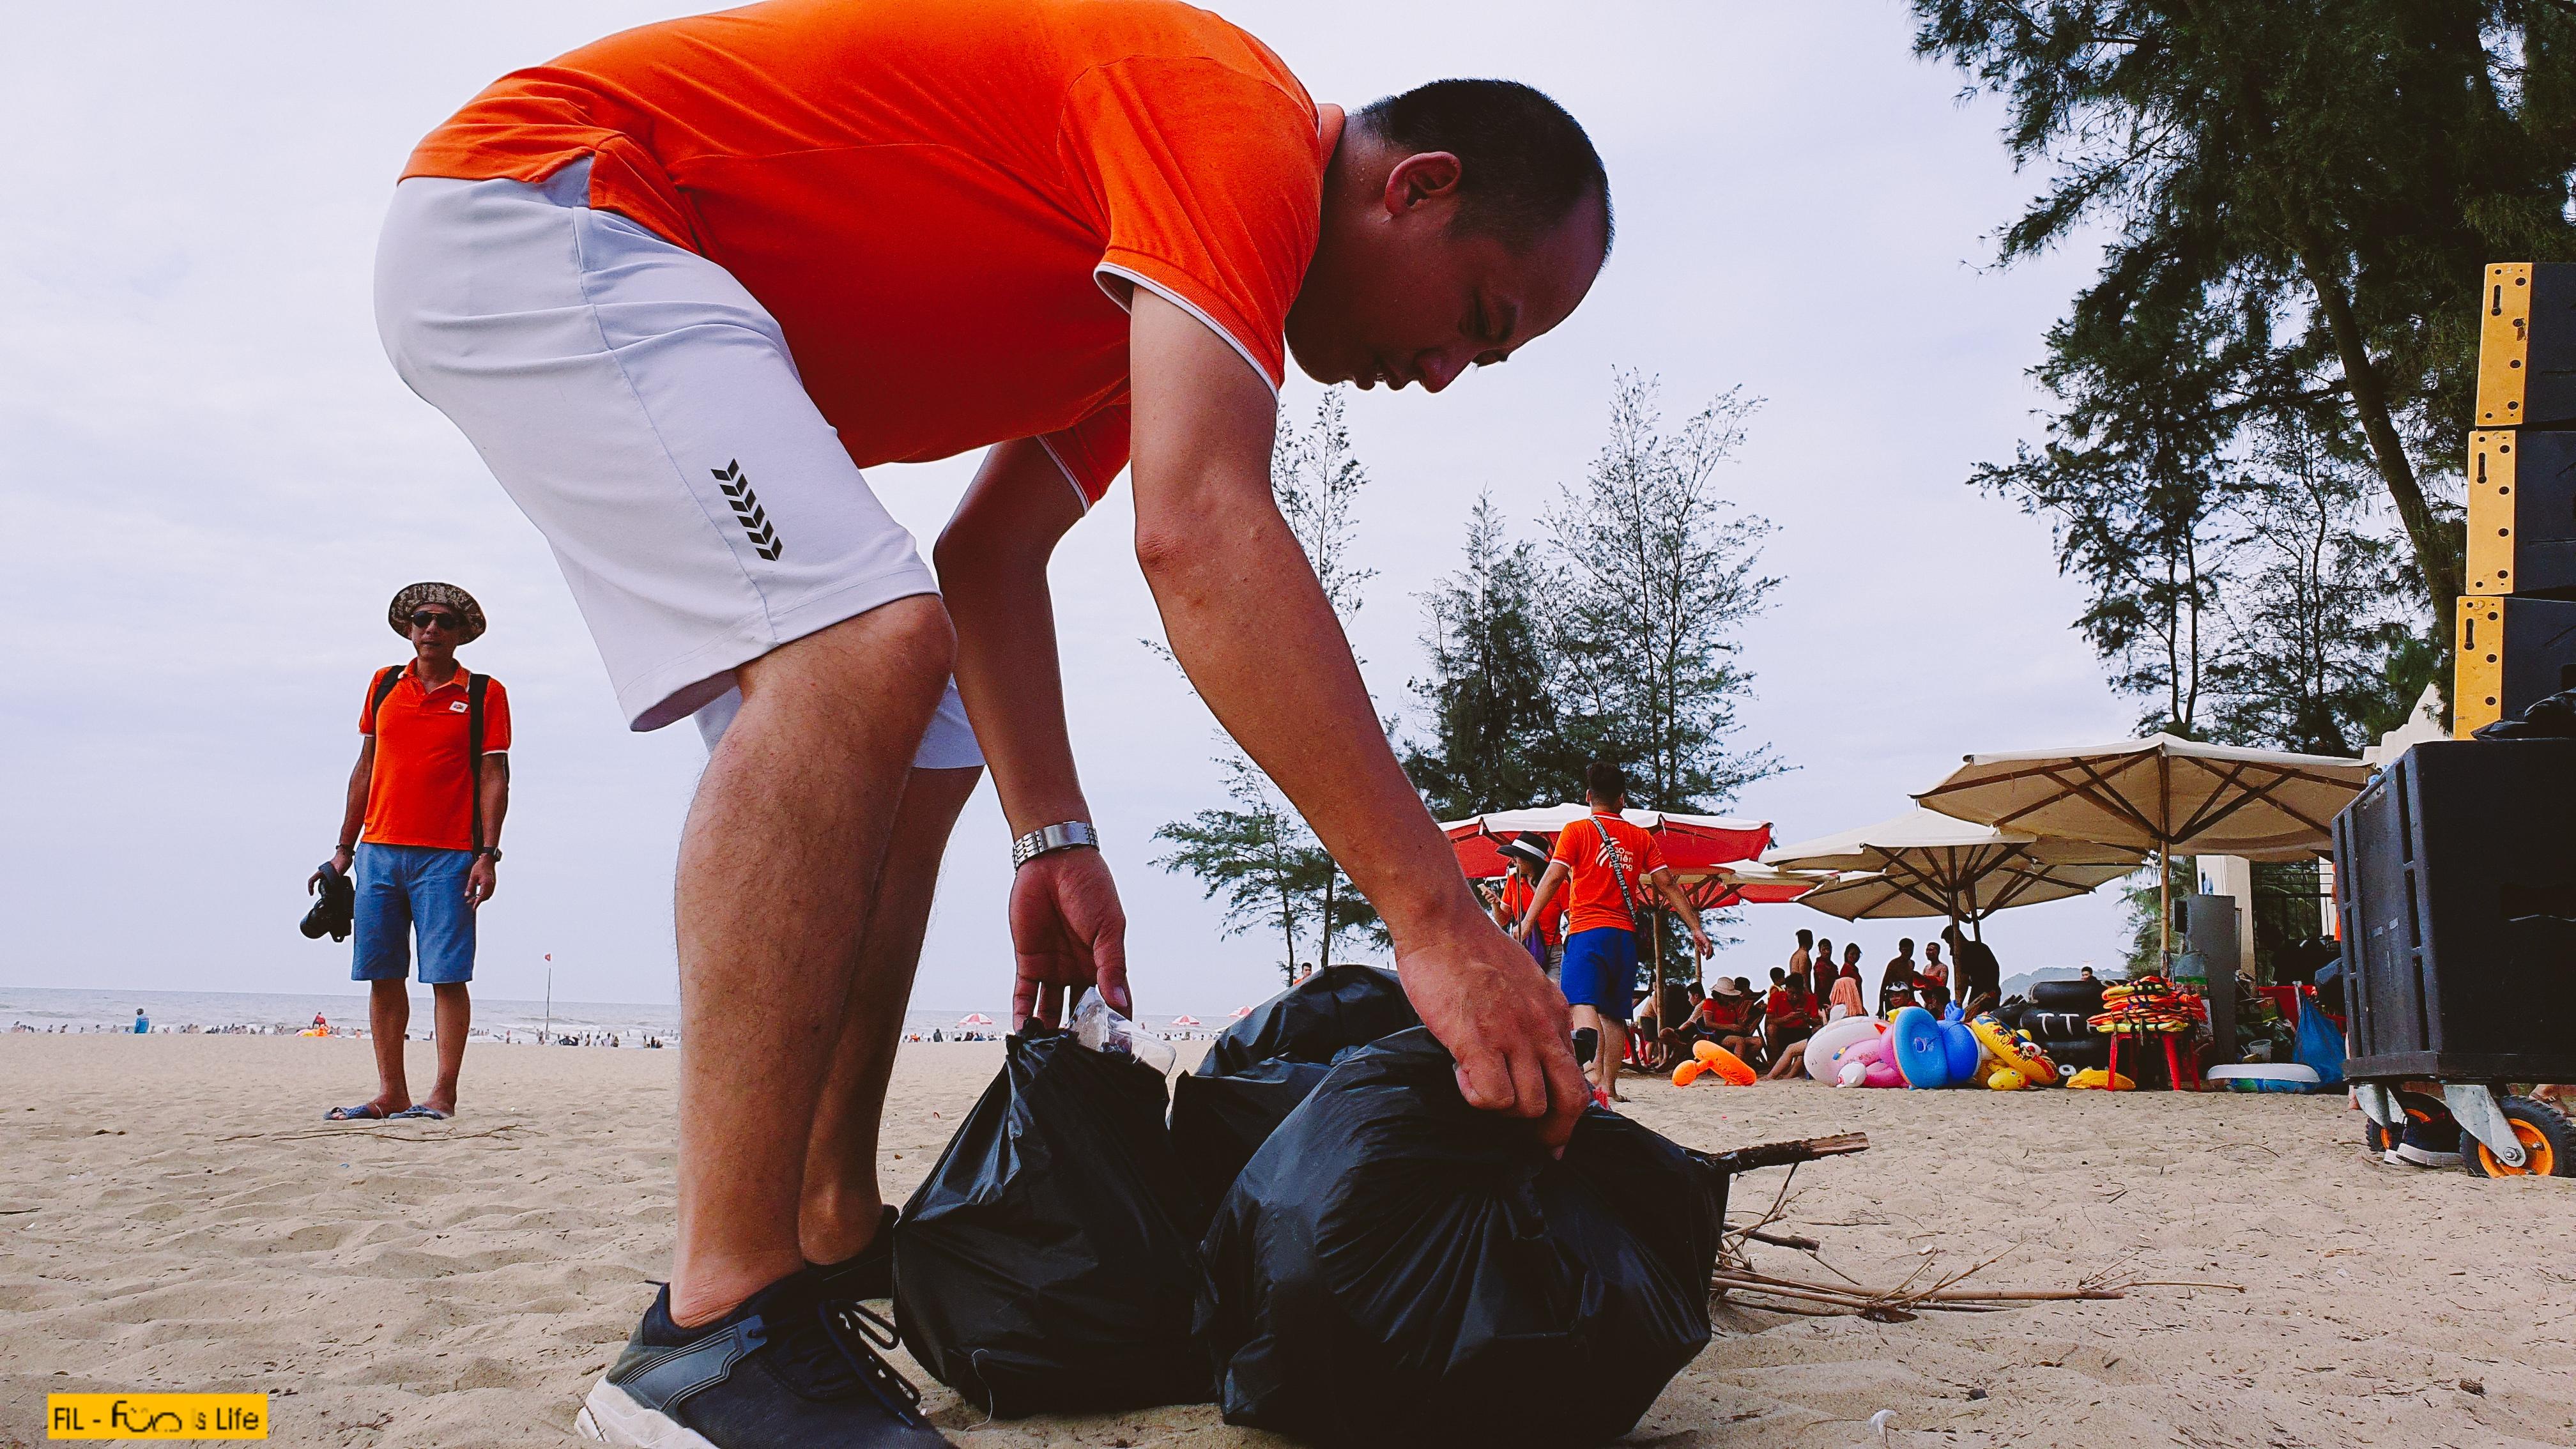 Anh Trần Hữu Tuấn, Trưởng phòng Kinh doanh FPT Telecom Hà Tĩnh cho biết, trước khi tham gia chuyến đi này, anh không tìm hiểu sâu việc con người đang khiến môi trường sống trở nên ô nhiễm. Tuy nhiên, sau khi tham gia buổi teambuilding và xem nhiều video về môi trường được chiếu trong chương trình khiến anh 'thấm' nhiều thứ.